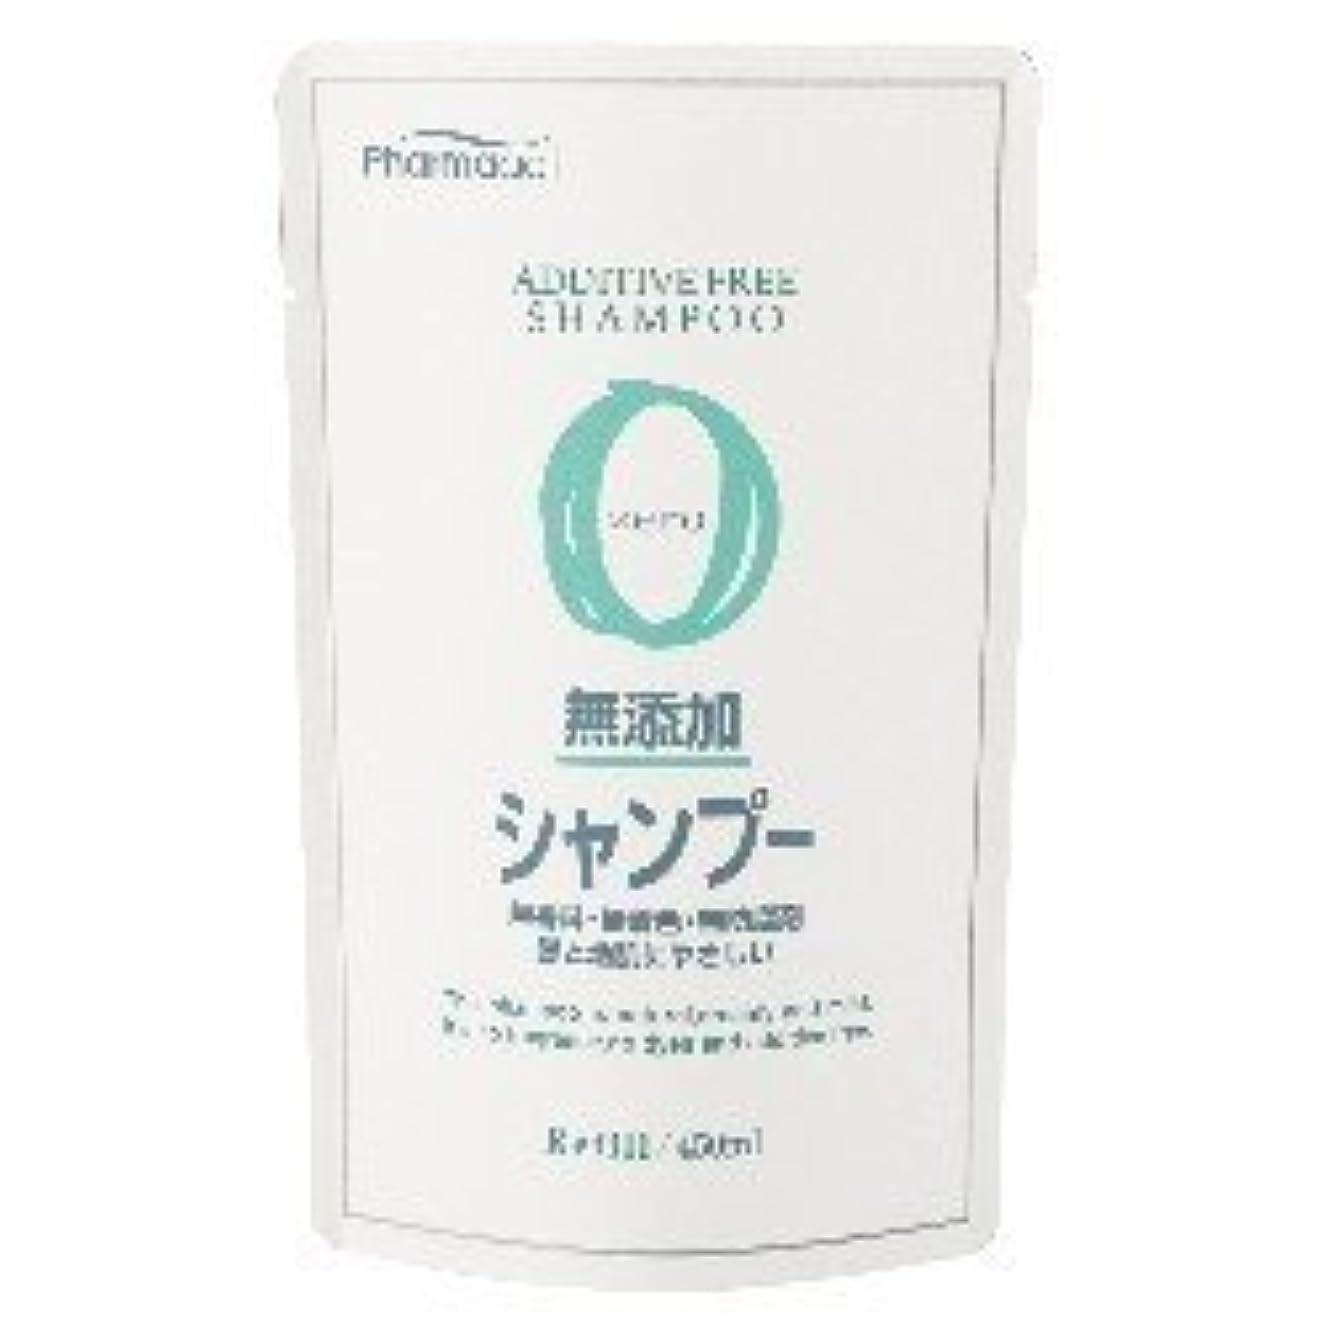 熊野油脂 ファーマアクト 無添加シャンプー 詰め替え用 450mL×24個セット  無香料?無着色?無防腐剤